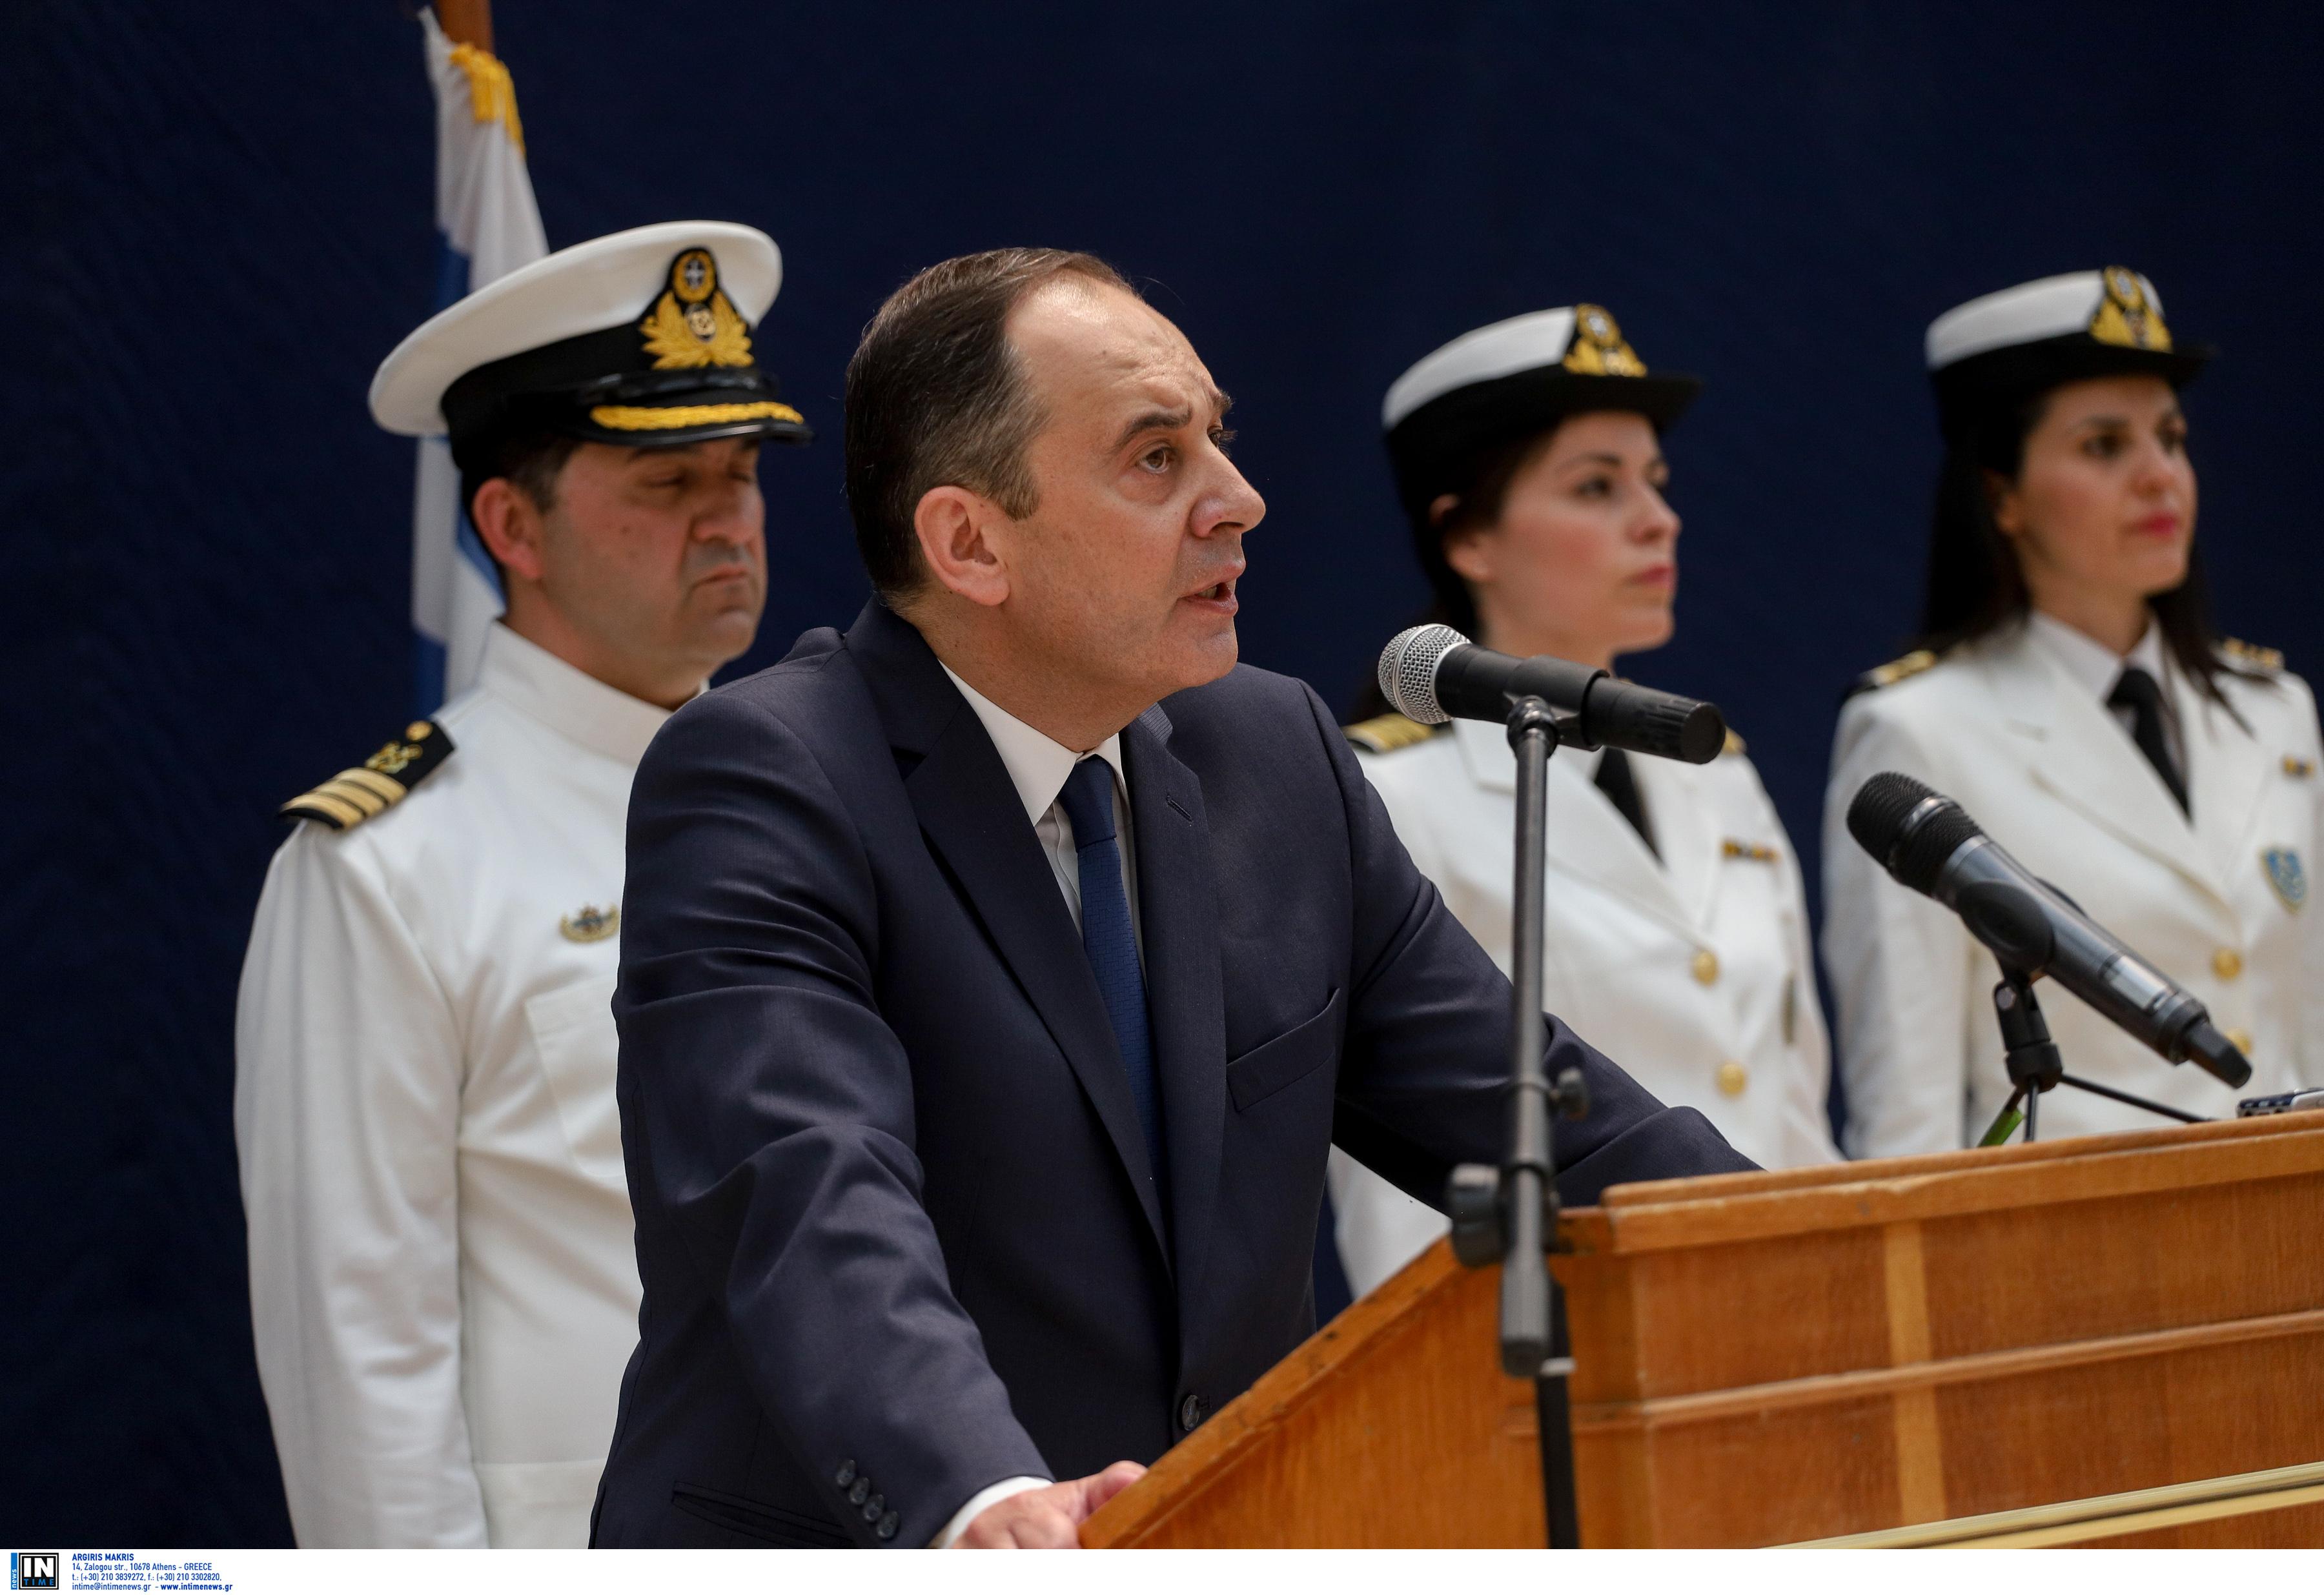 Πλακιωτάκης: Φιλικότερο νομοθετικό και φορολογικό πλαίσιο προς τις ναυτιλιακές επιχειρήσεις